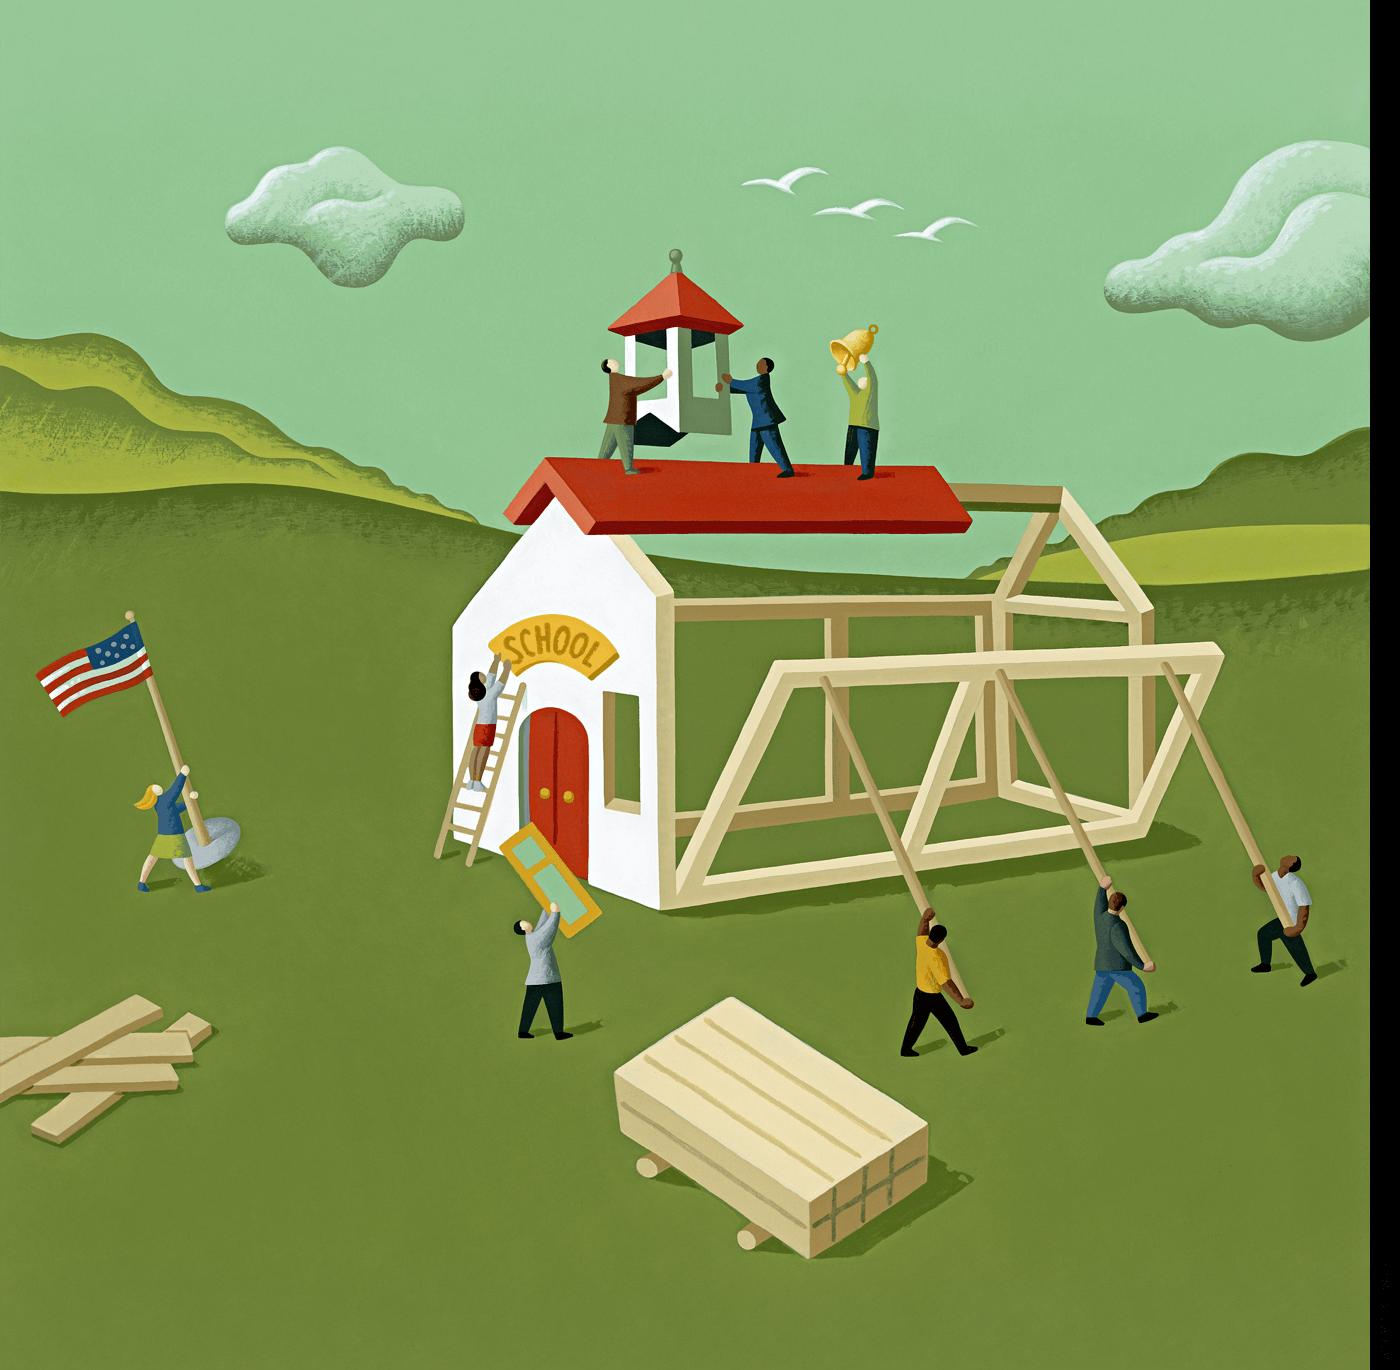 Illustration of a school under construction